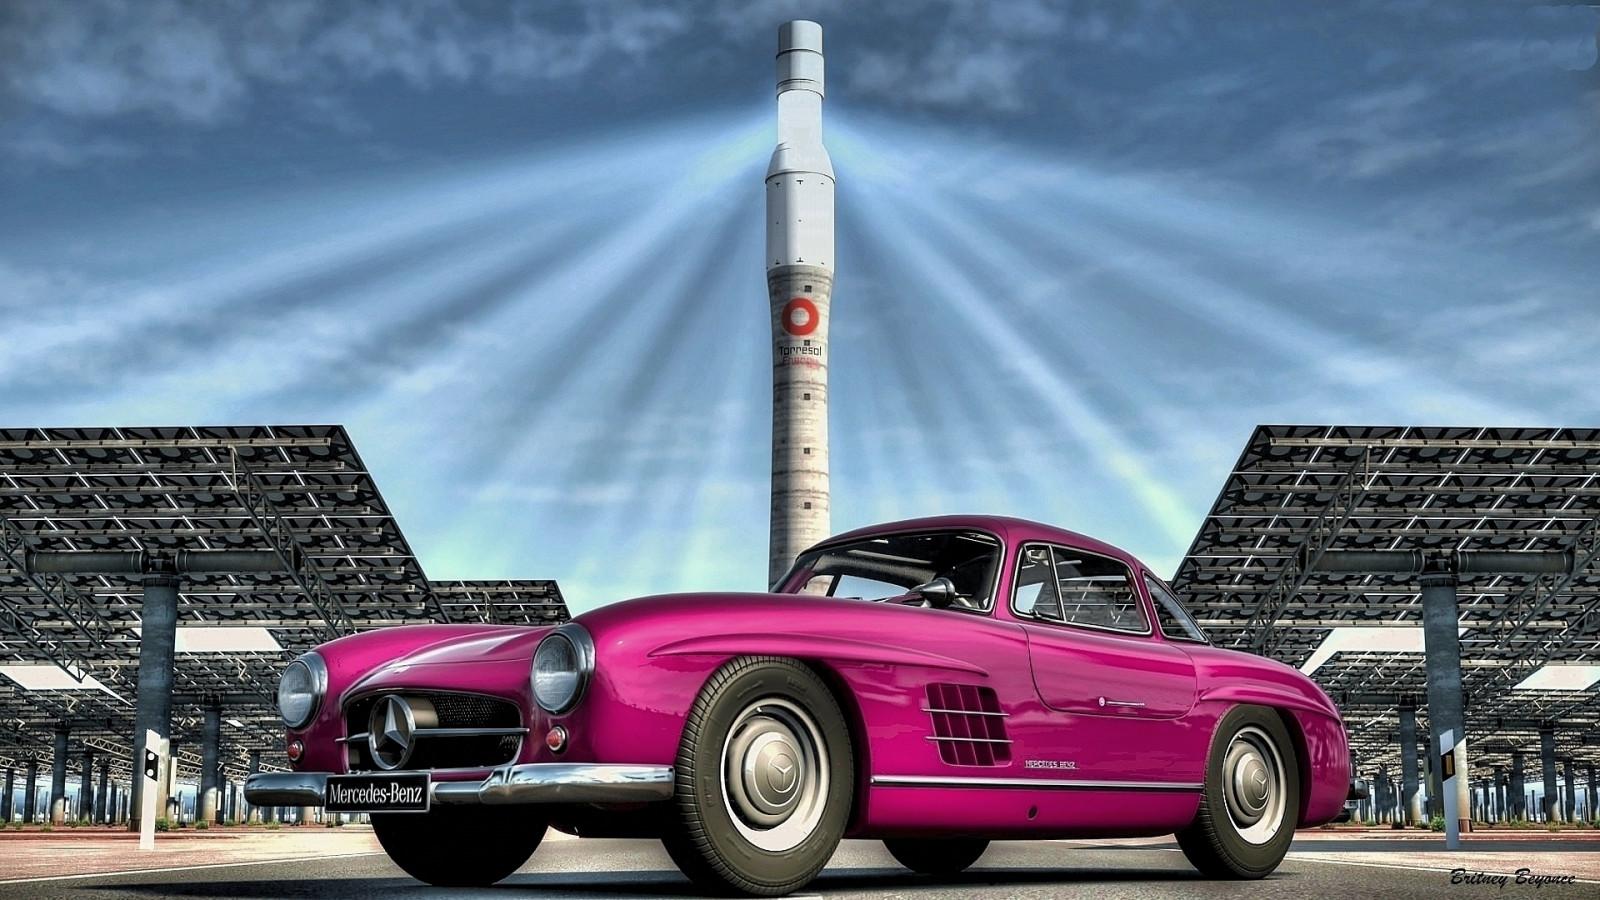 Fond d'écran : véhicule, Mercedes Benz, voiture de sport, Voiture ancienne, Convertible, lumière ...